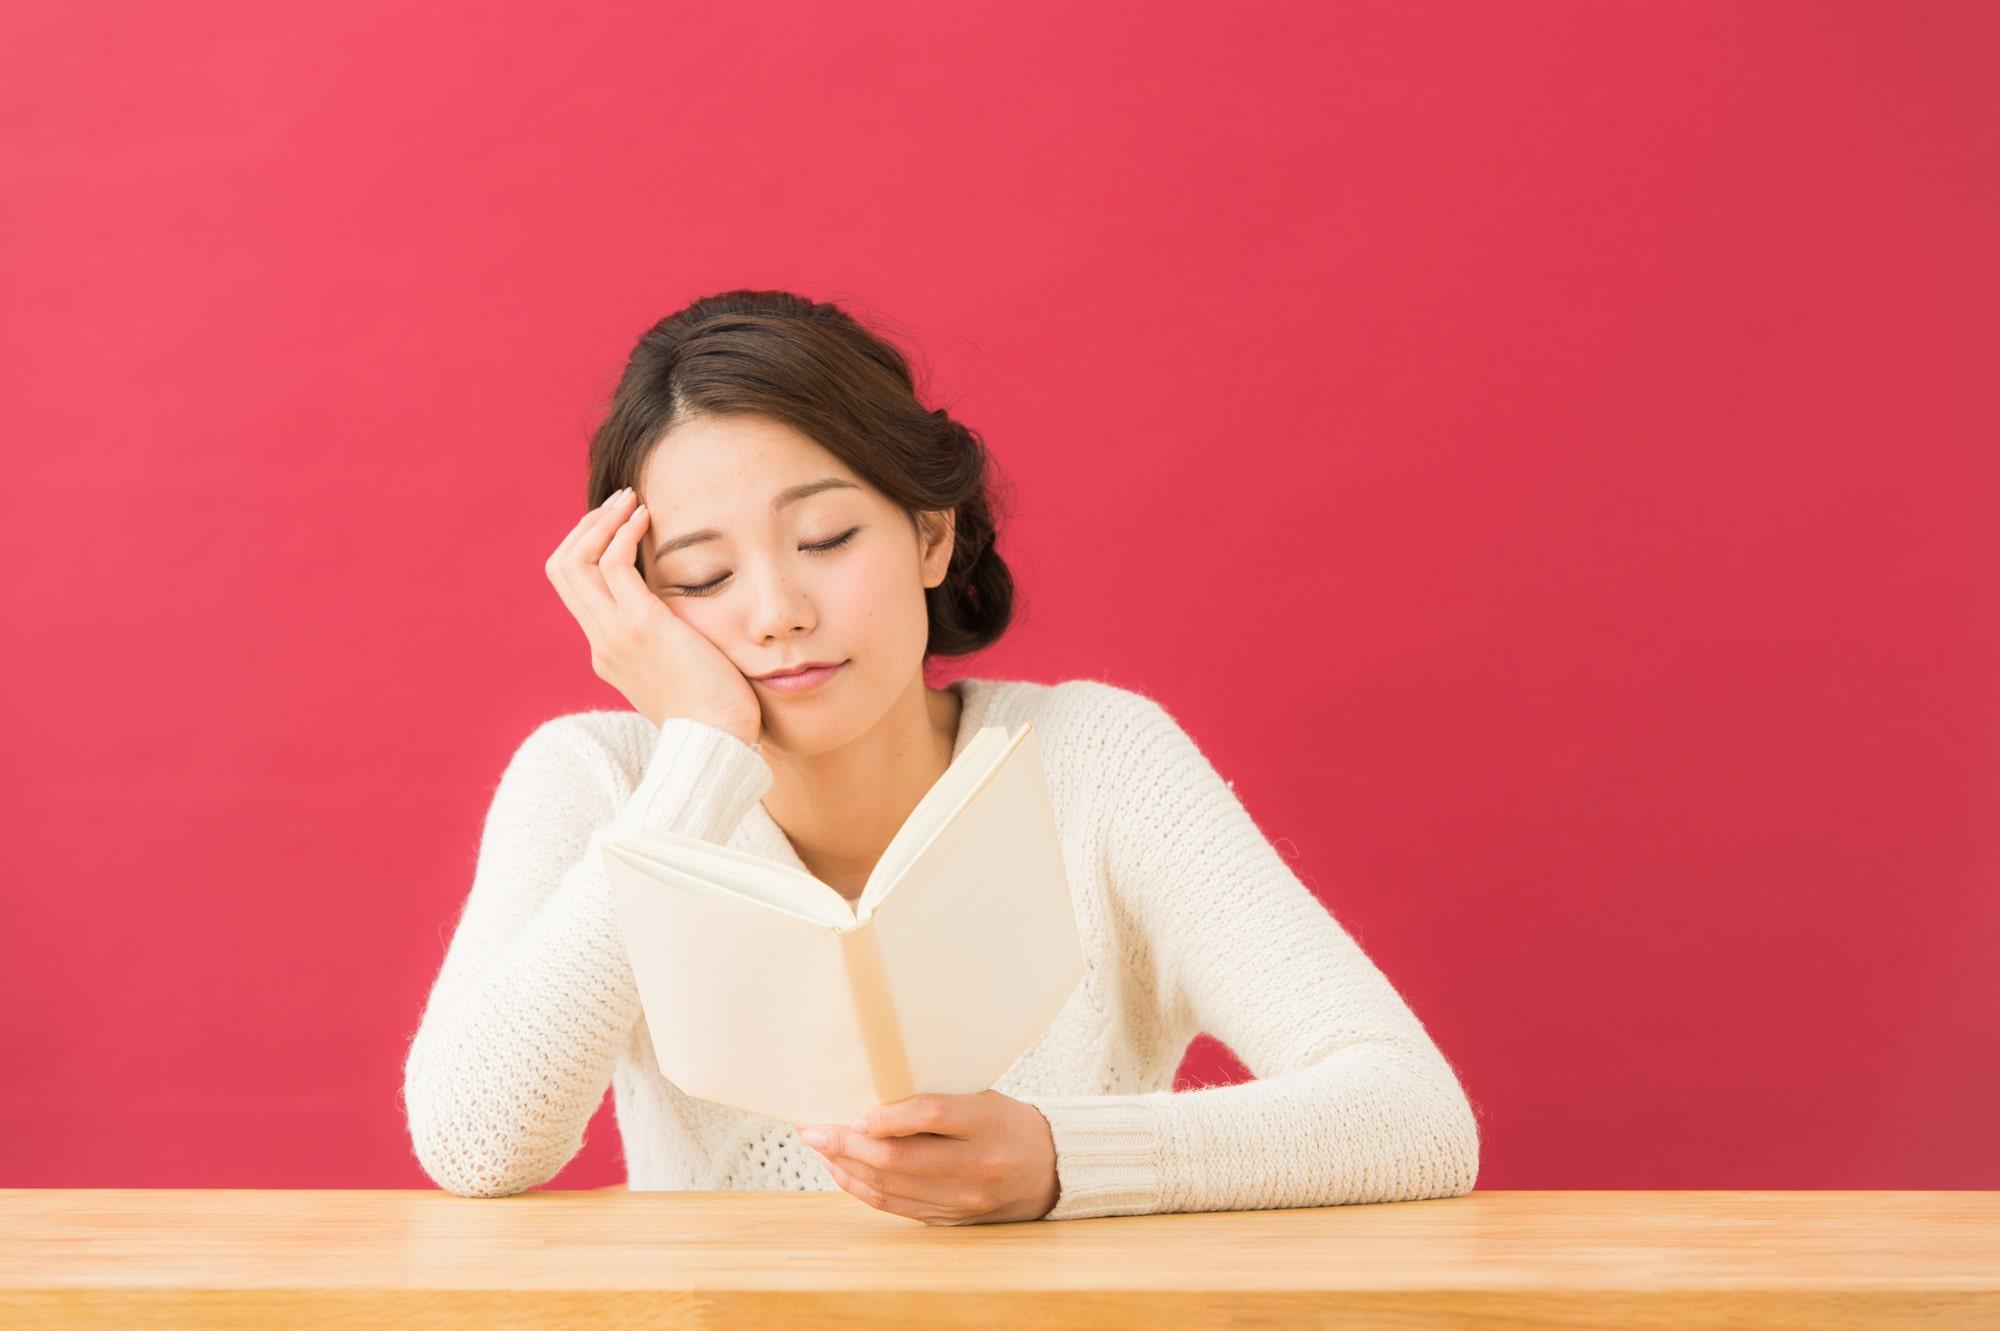 いつまで続く?巣ごもりにコロナ疲れの声。ストレスを爆発させないためにするべき4つの方法|TIME SHARING|タイムシェアリング|スペースマネジメント|あどばる|adval|SHARING